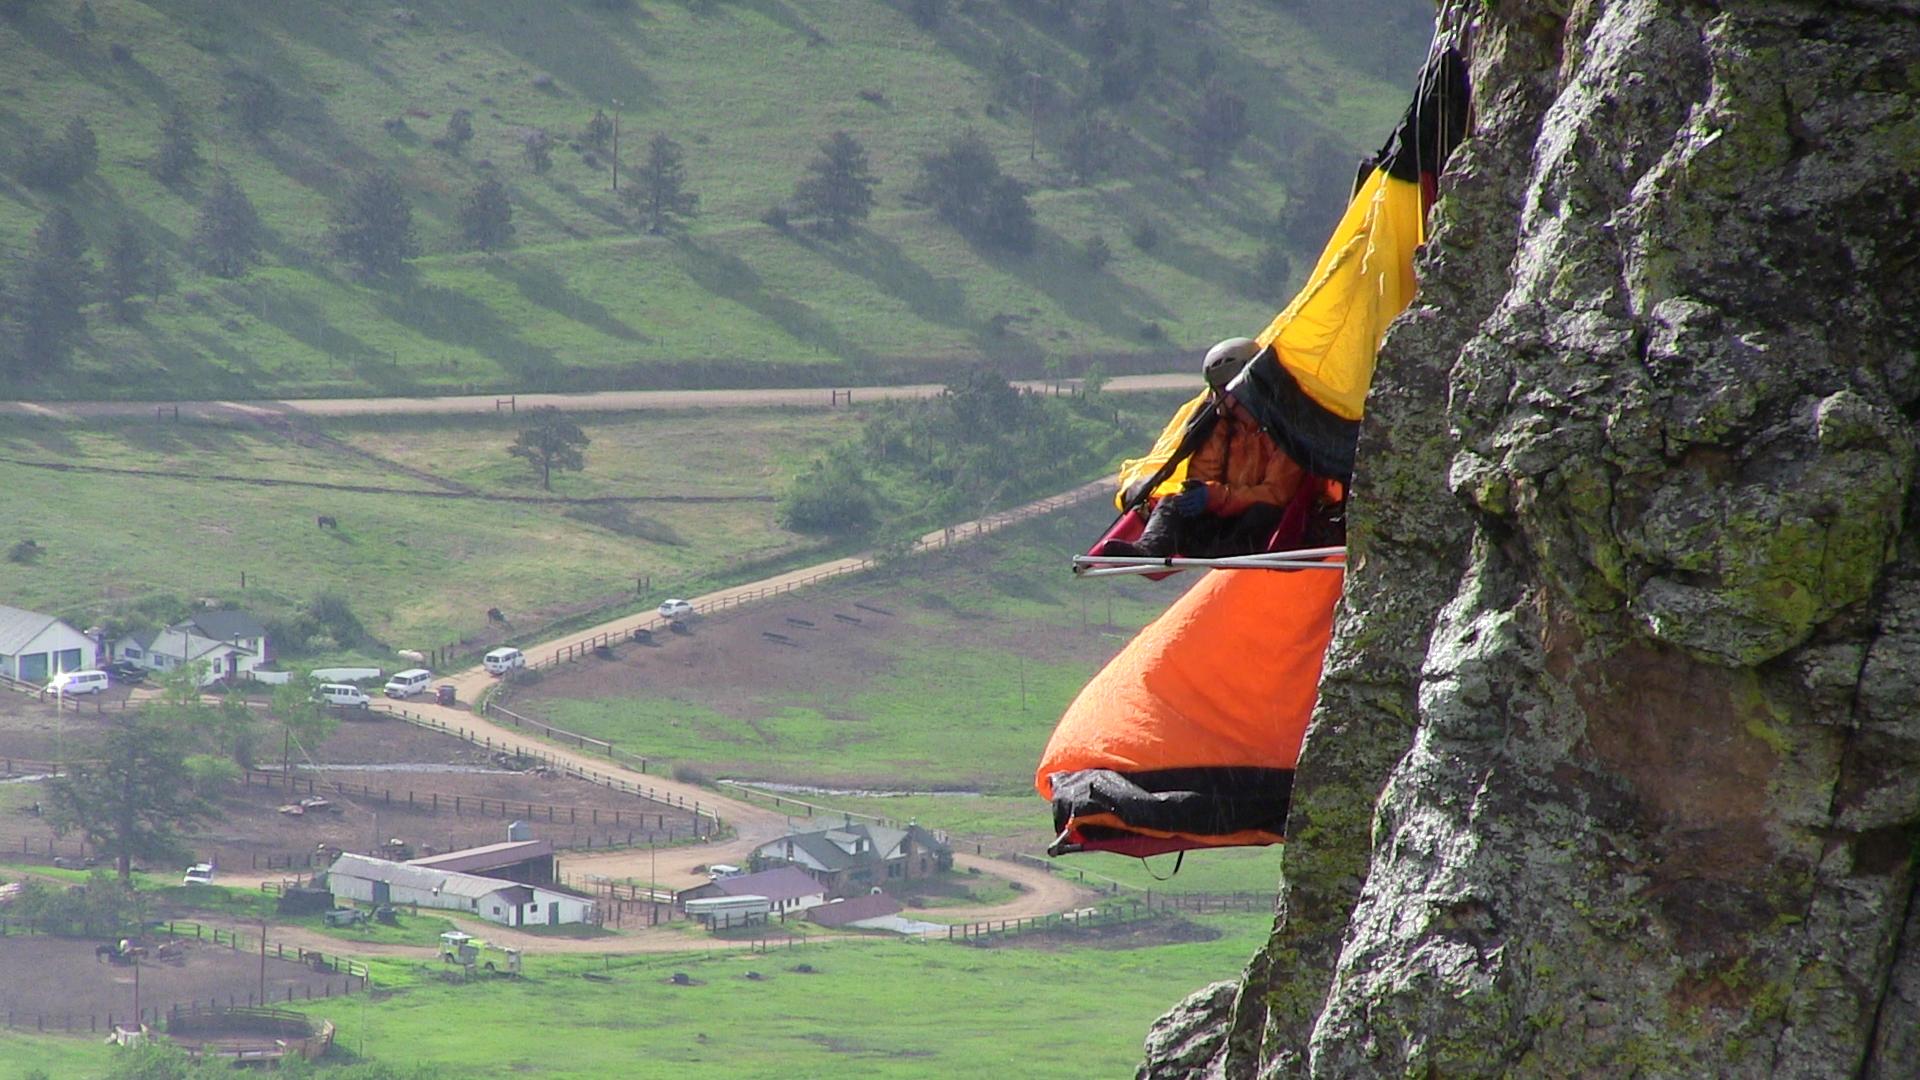 camping cliffs in colorado